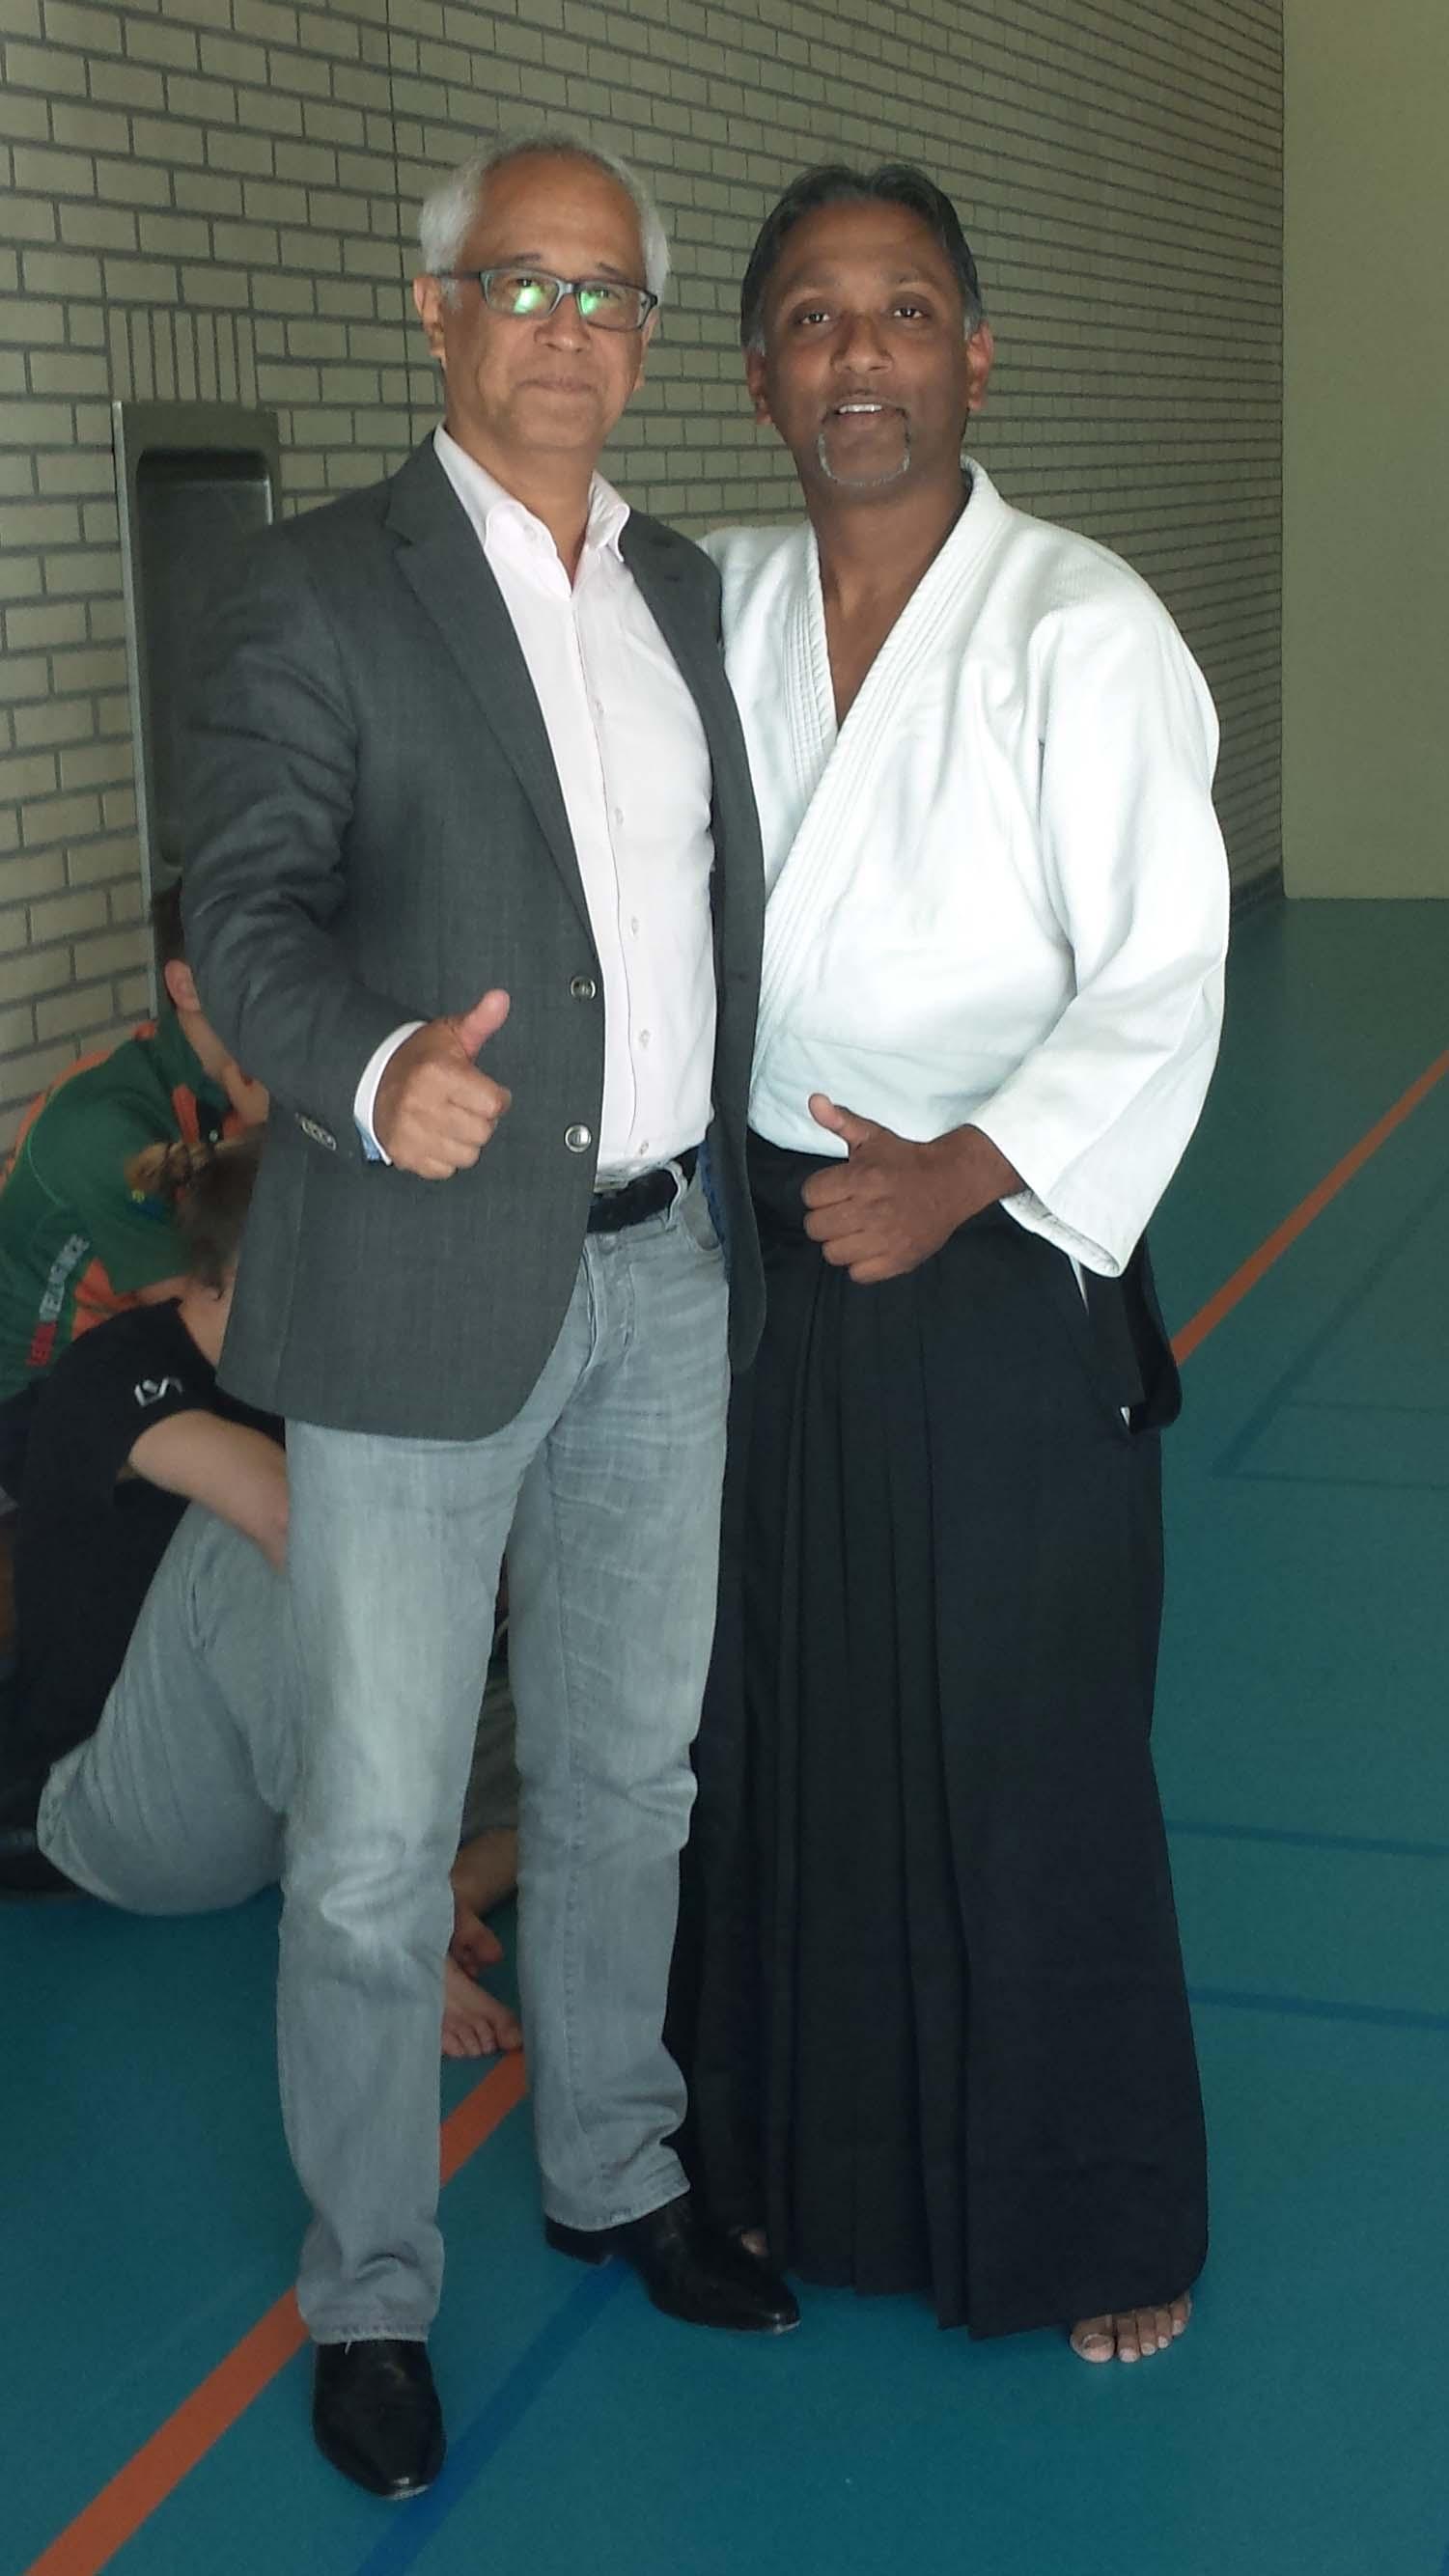 Voormalig dojohouder Reggie op bezoek in Rotterdam!